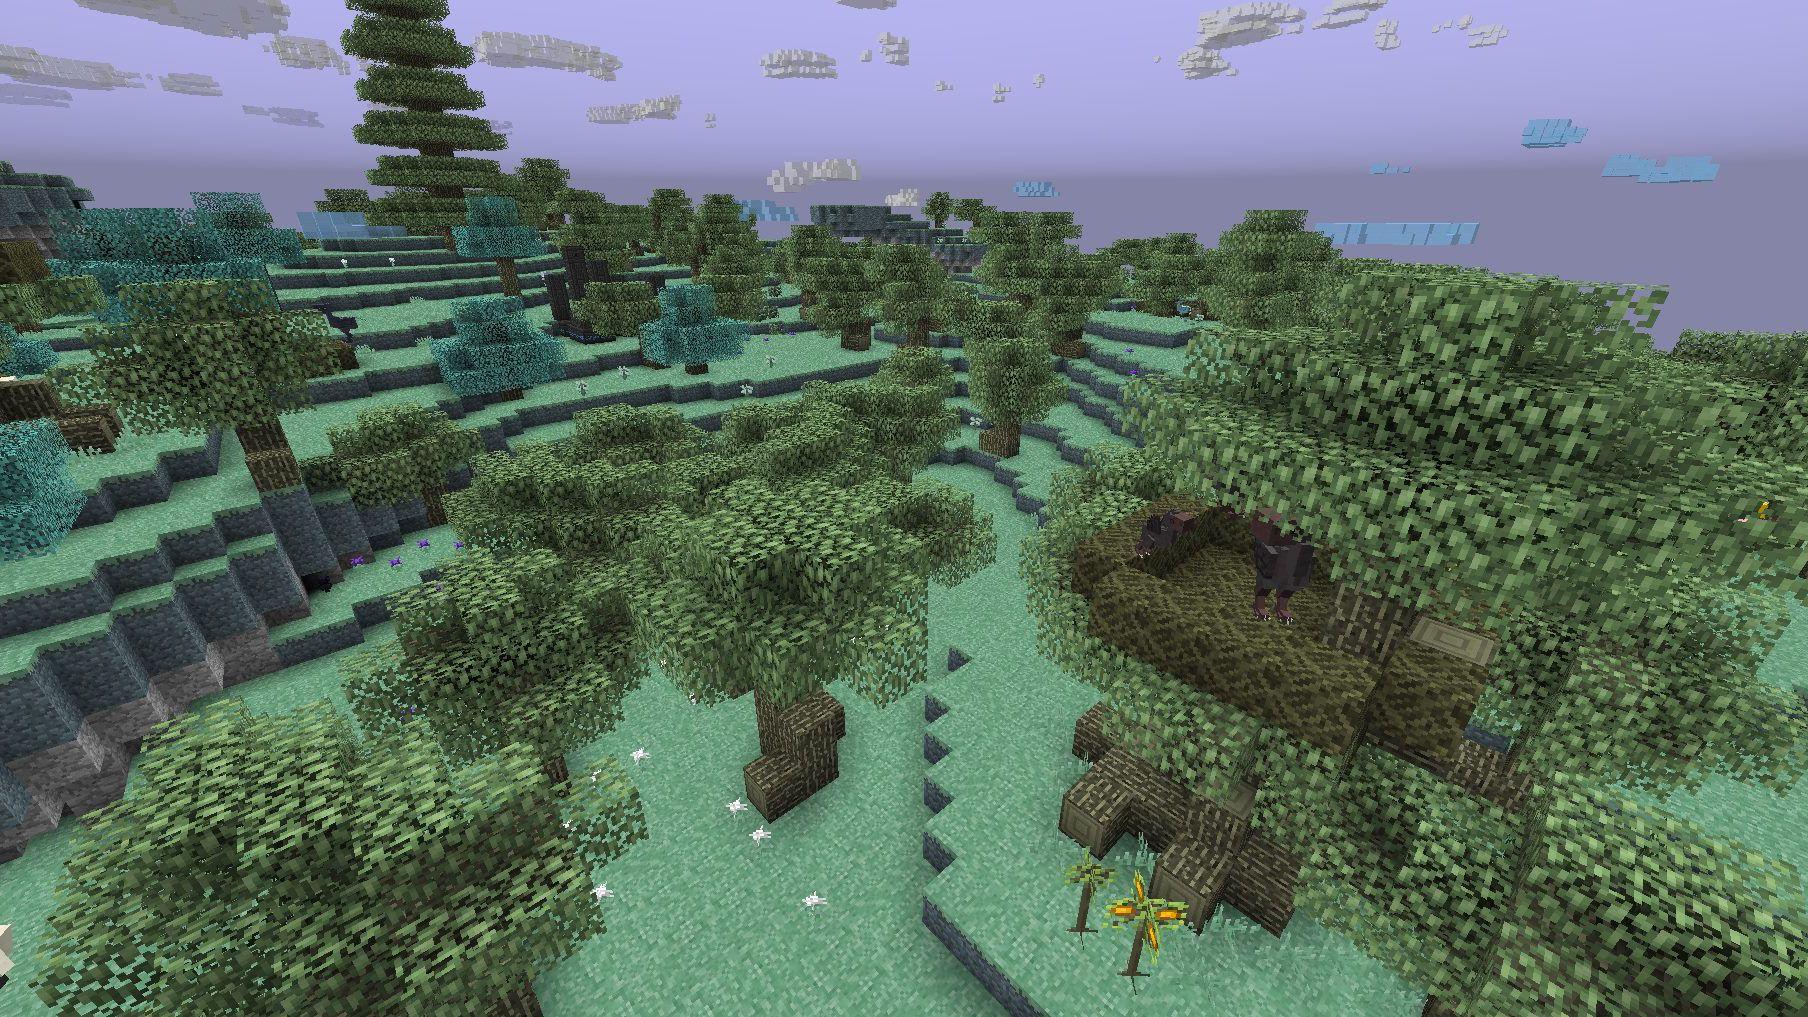 Minecraft's Modding Decline